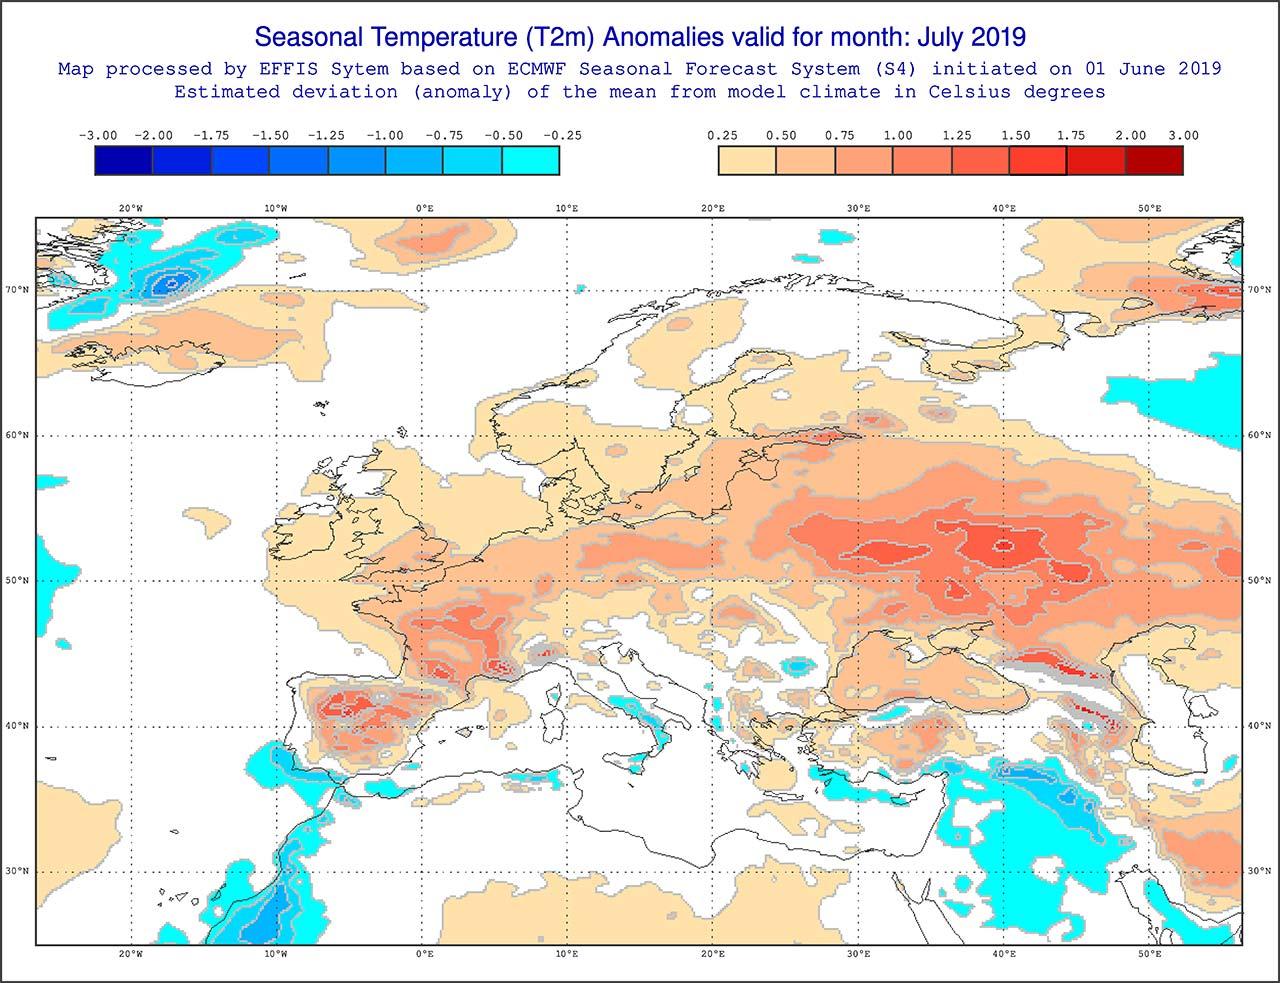 Anomalie di temperatura previste dal modello ECMWF per luglio 2019 - effis.jrc.ec.europa.eu